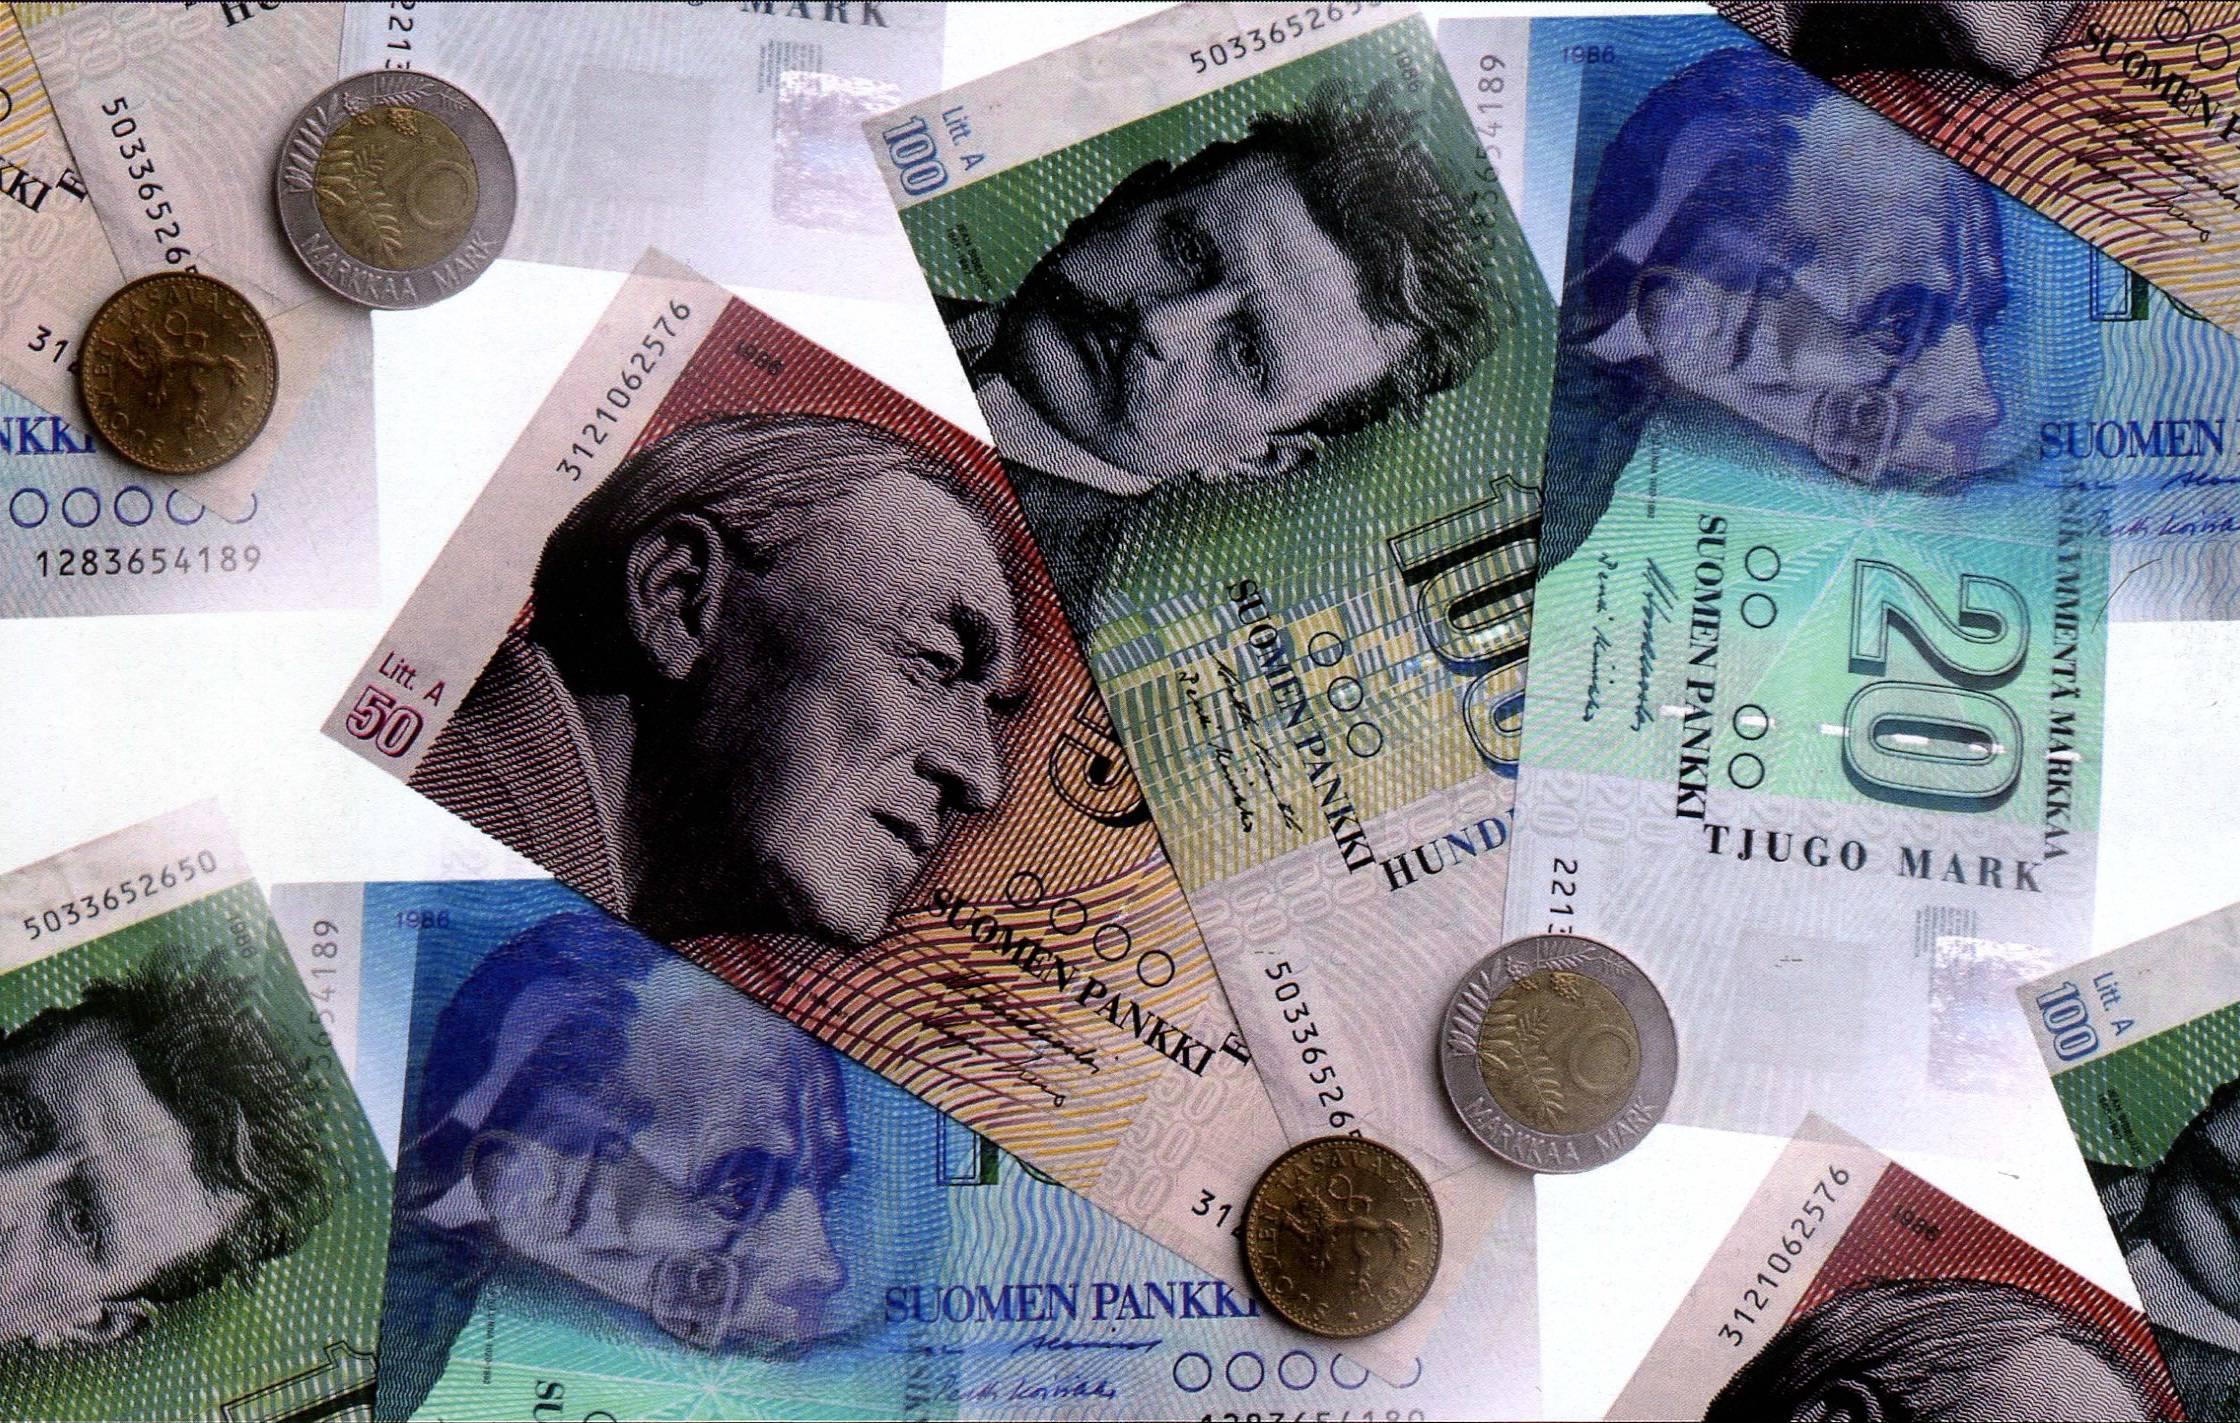 Валюта и осуществление финансовых операций в Финляндии в 2021 году